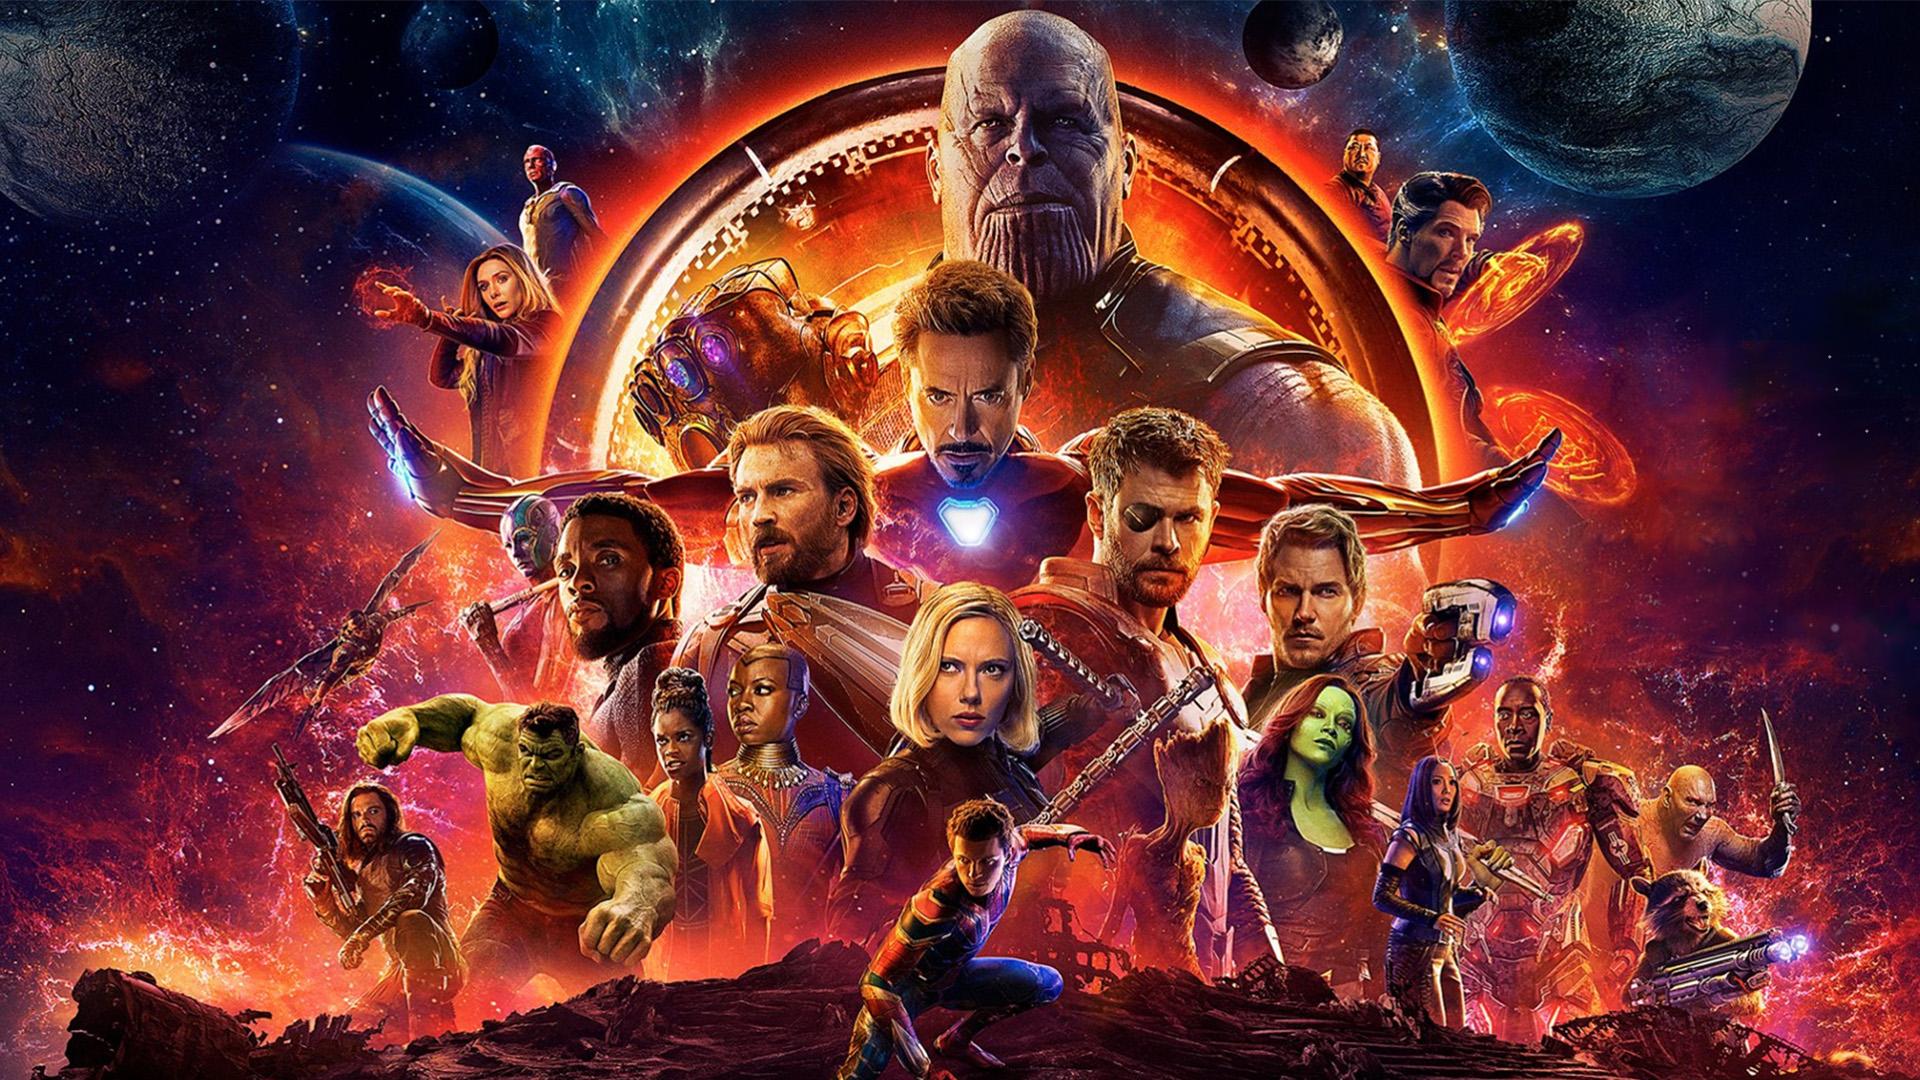 2018年全球电影票房前3名都被迪士尼包了,全球大卖超70亿美元!插图